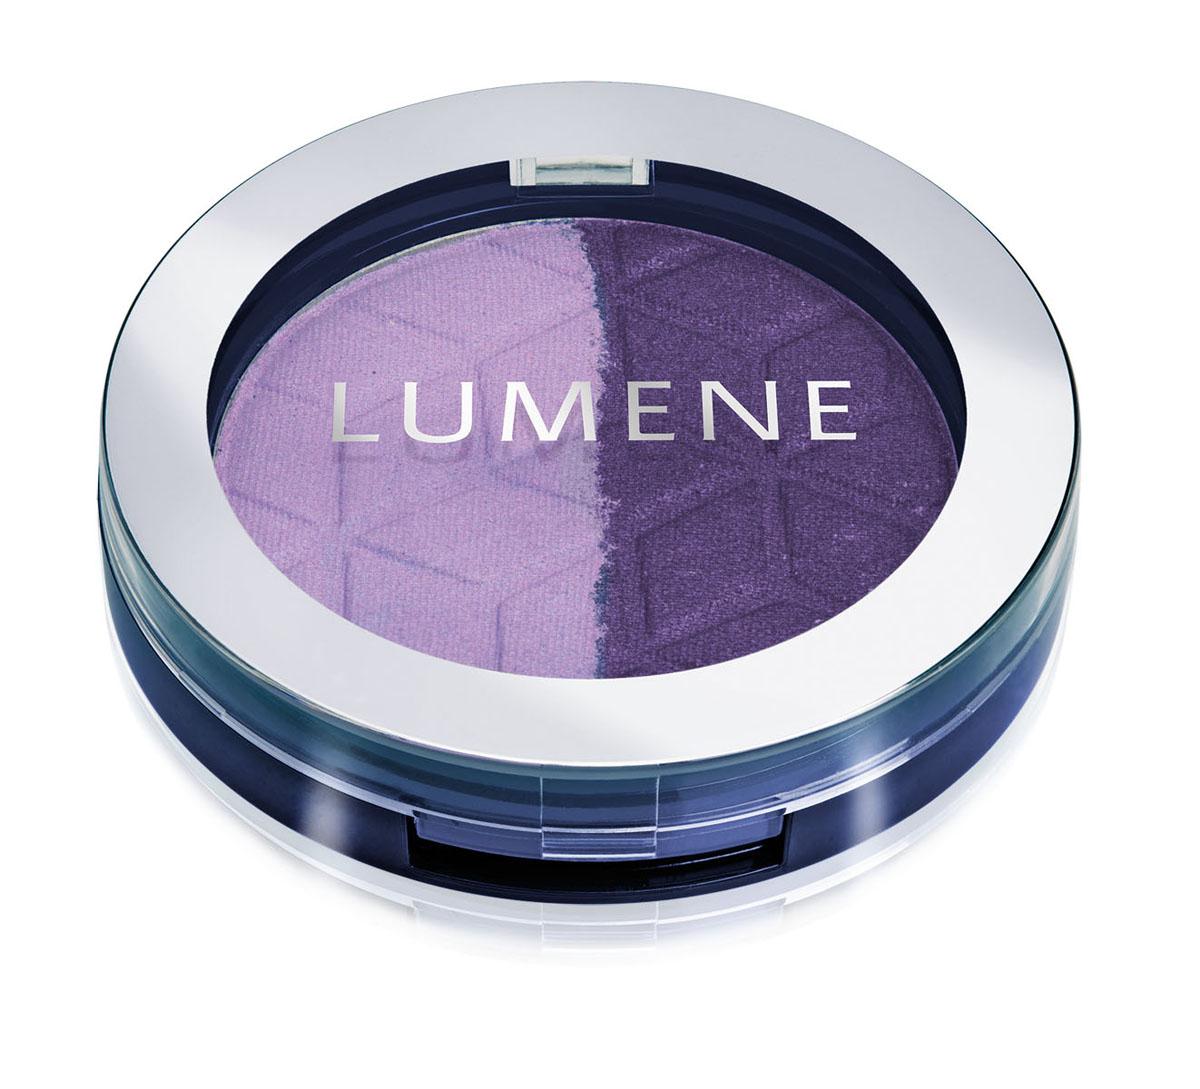 LUMENE Двойные устойчивые тени для век Blueberry Duet, №2, 3 гNL173-82652Lumene Long Wear Duet Eyeshadow Двойные устойчивые тени для век Lumene Blueberry Duet Благодаря шелковистой текстуре тени исключительно легко и ровно наносятся, не скатываются и долго держатся на веках. Можно наносить как сухим, так и влажным способом для более яркого результата. В состав входит масло семян арктической черники, которое питает и защищает нежную кожу век.